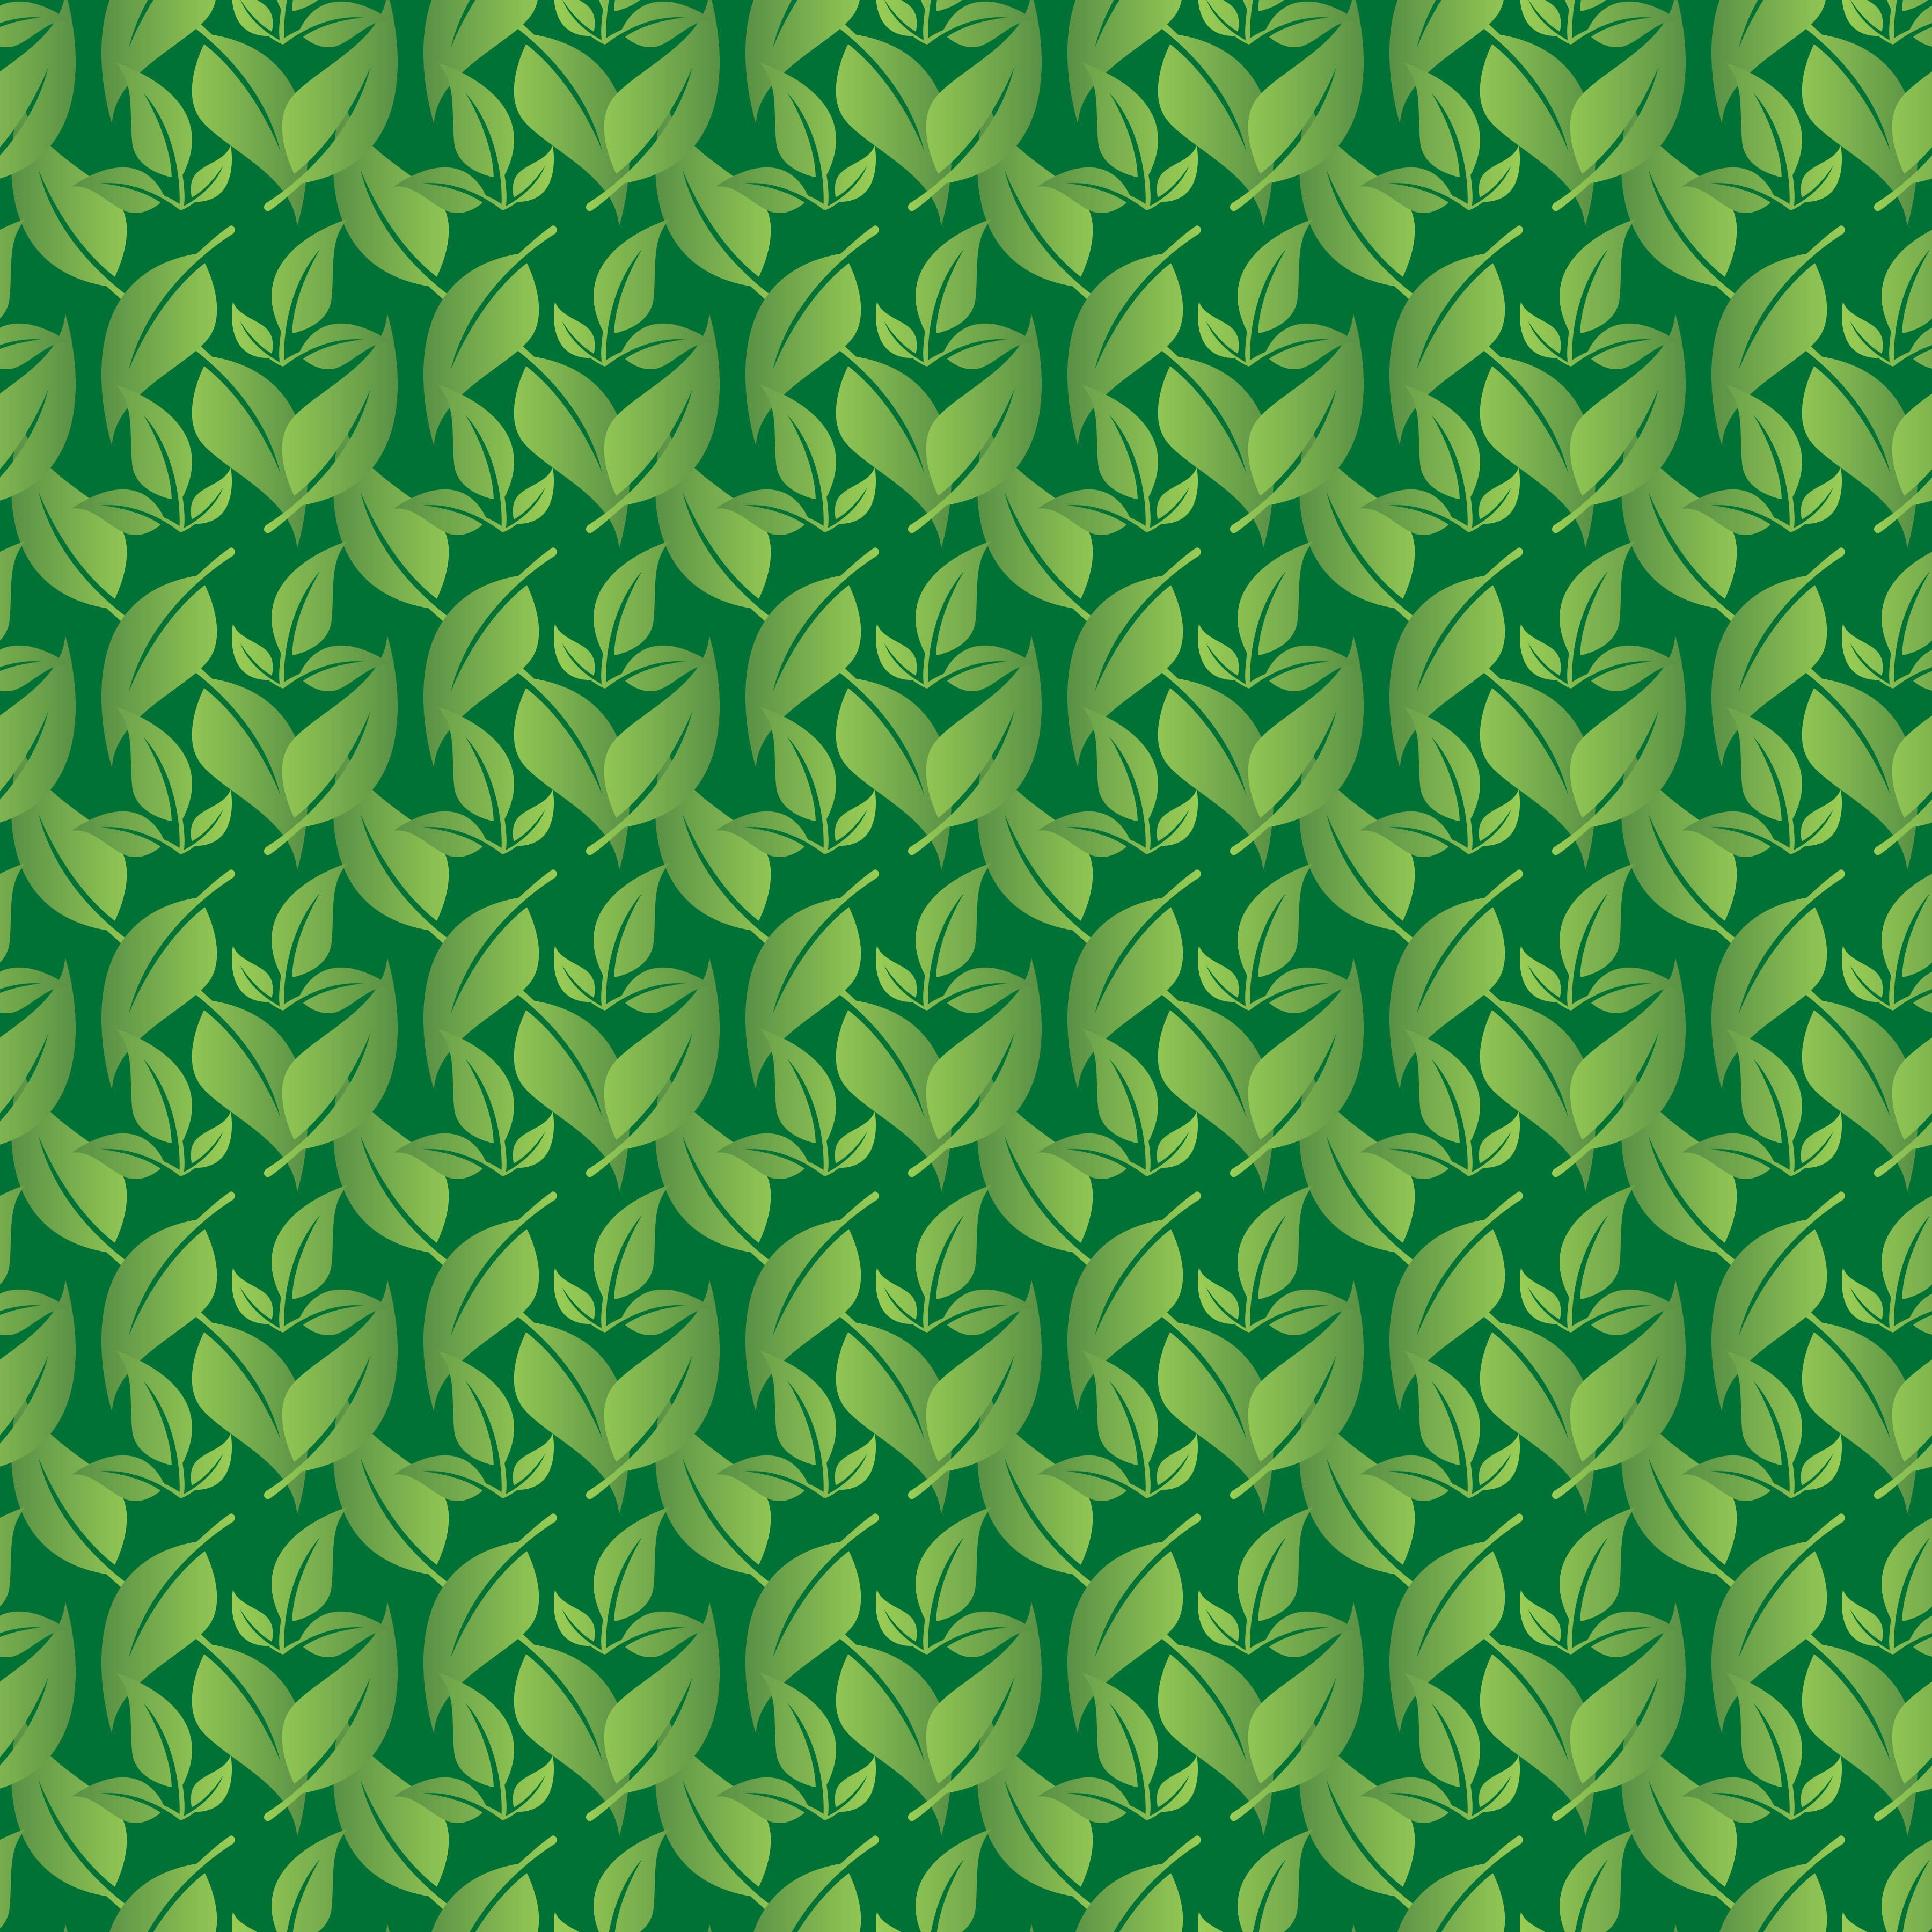 papel digital o bom dinossauro 10